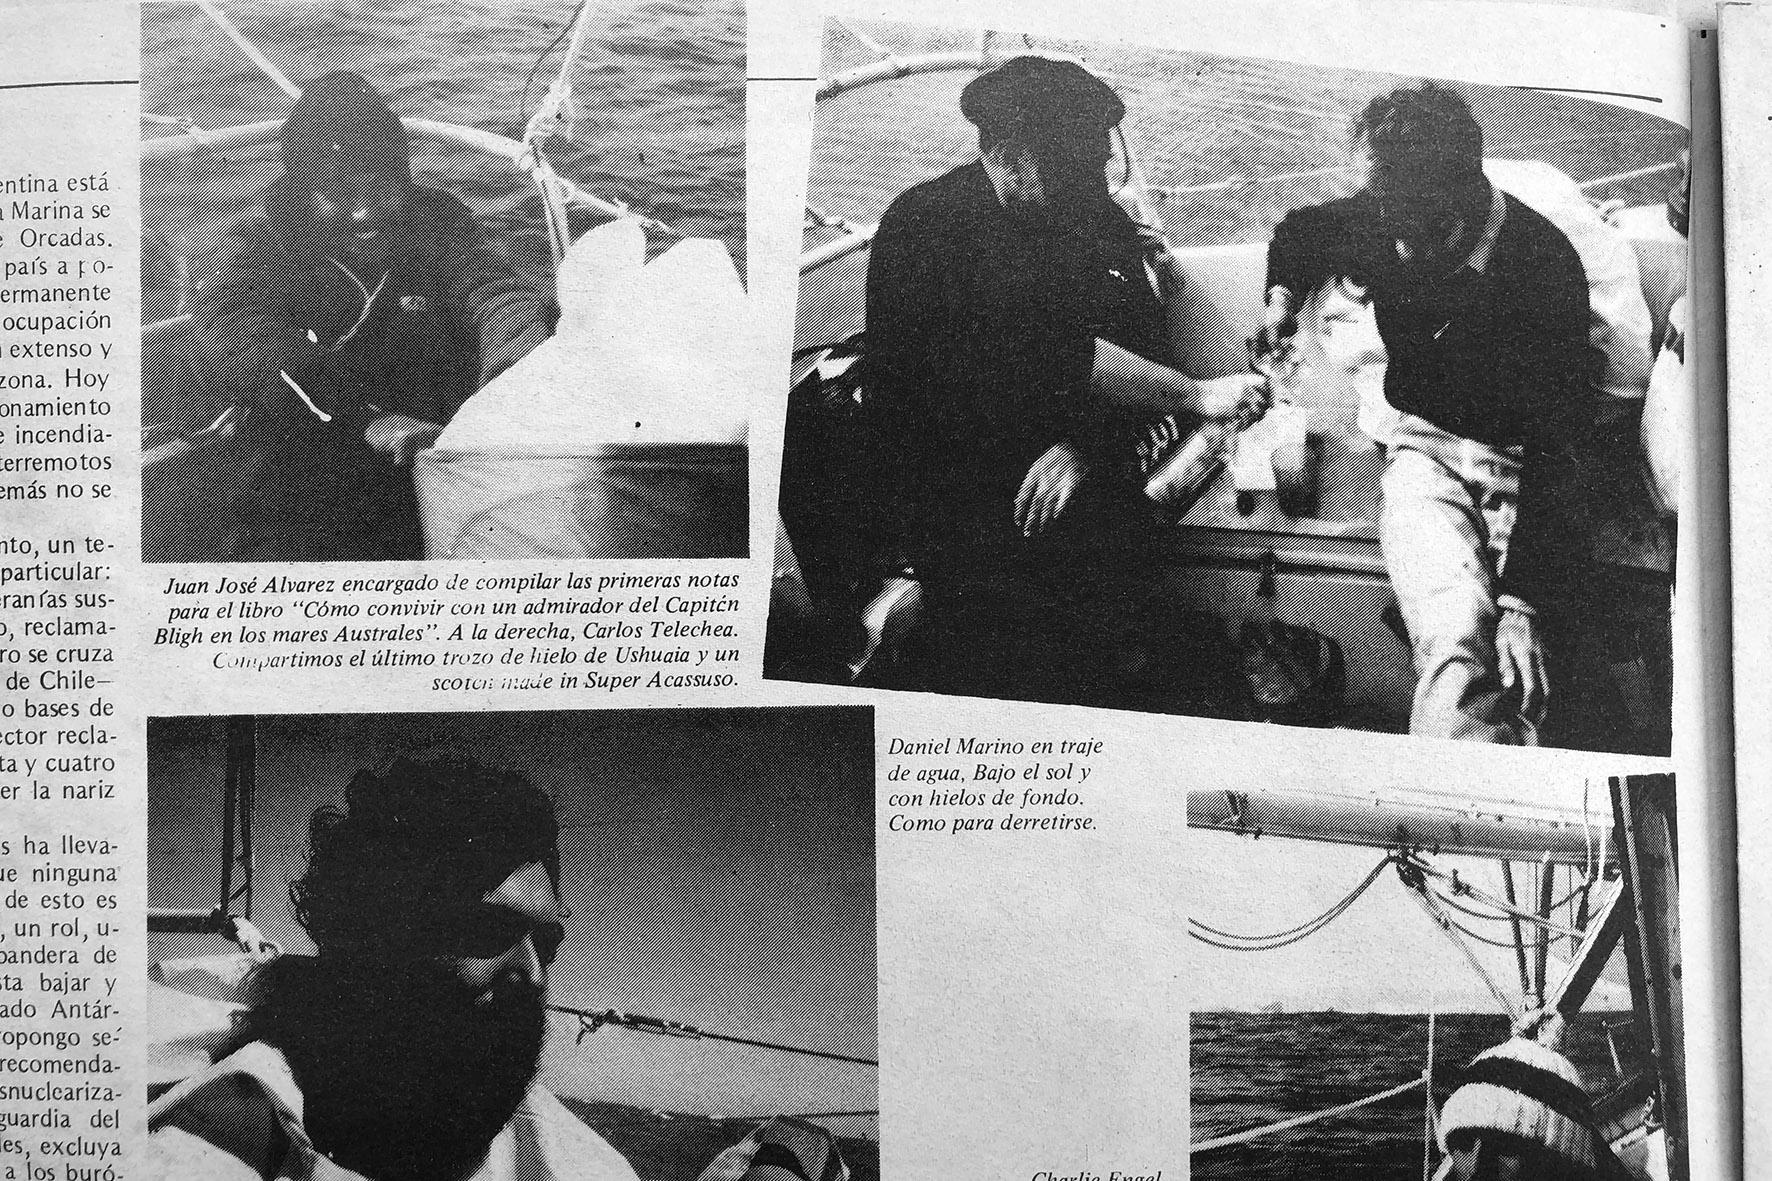 El primer viaje del Pequod – Año 1987 07